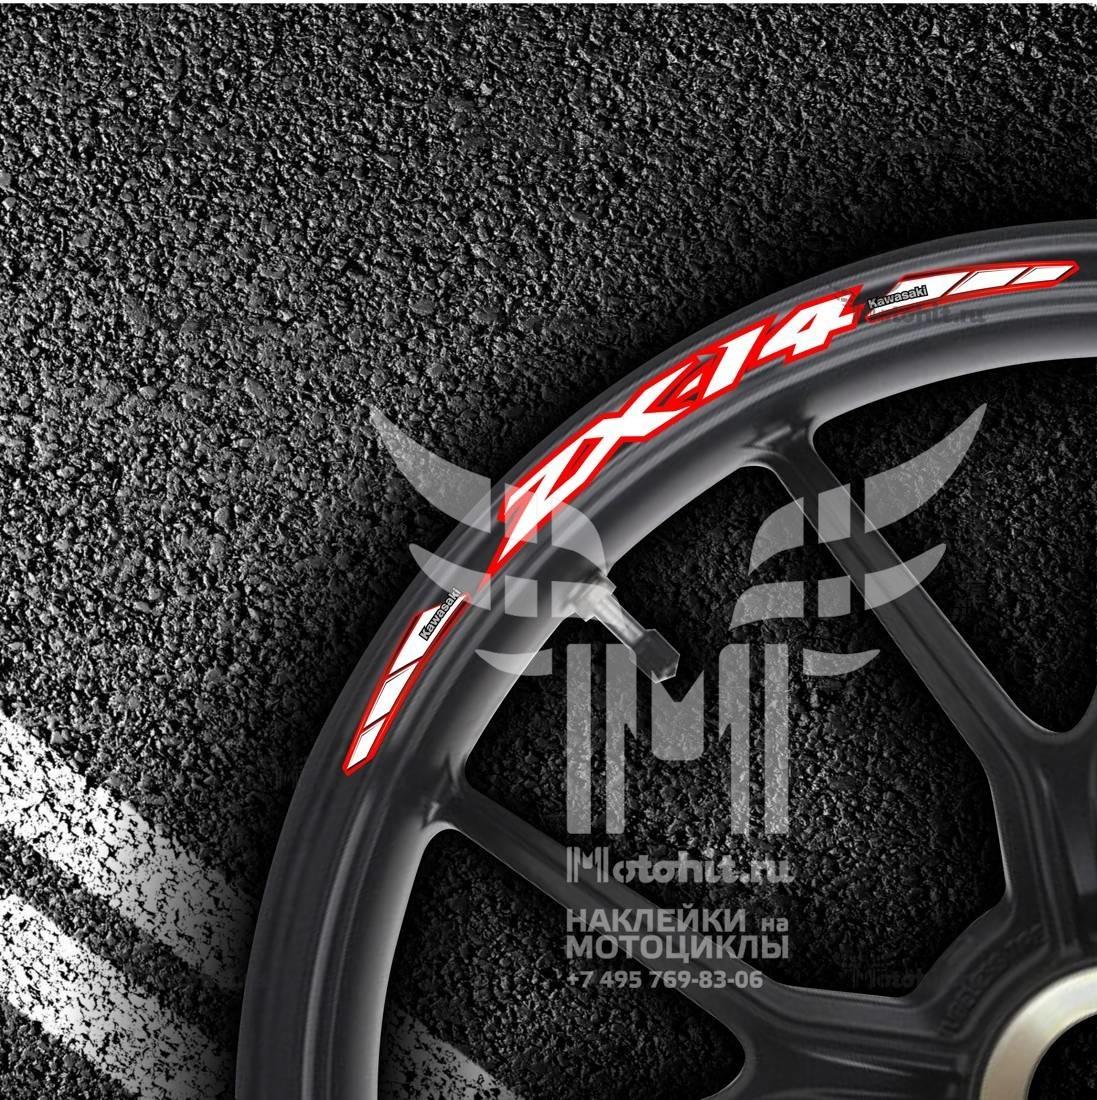 Комплект наклеек на обод колеса мотоцикла KAWASAKI ZX-14